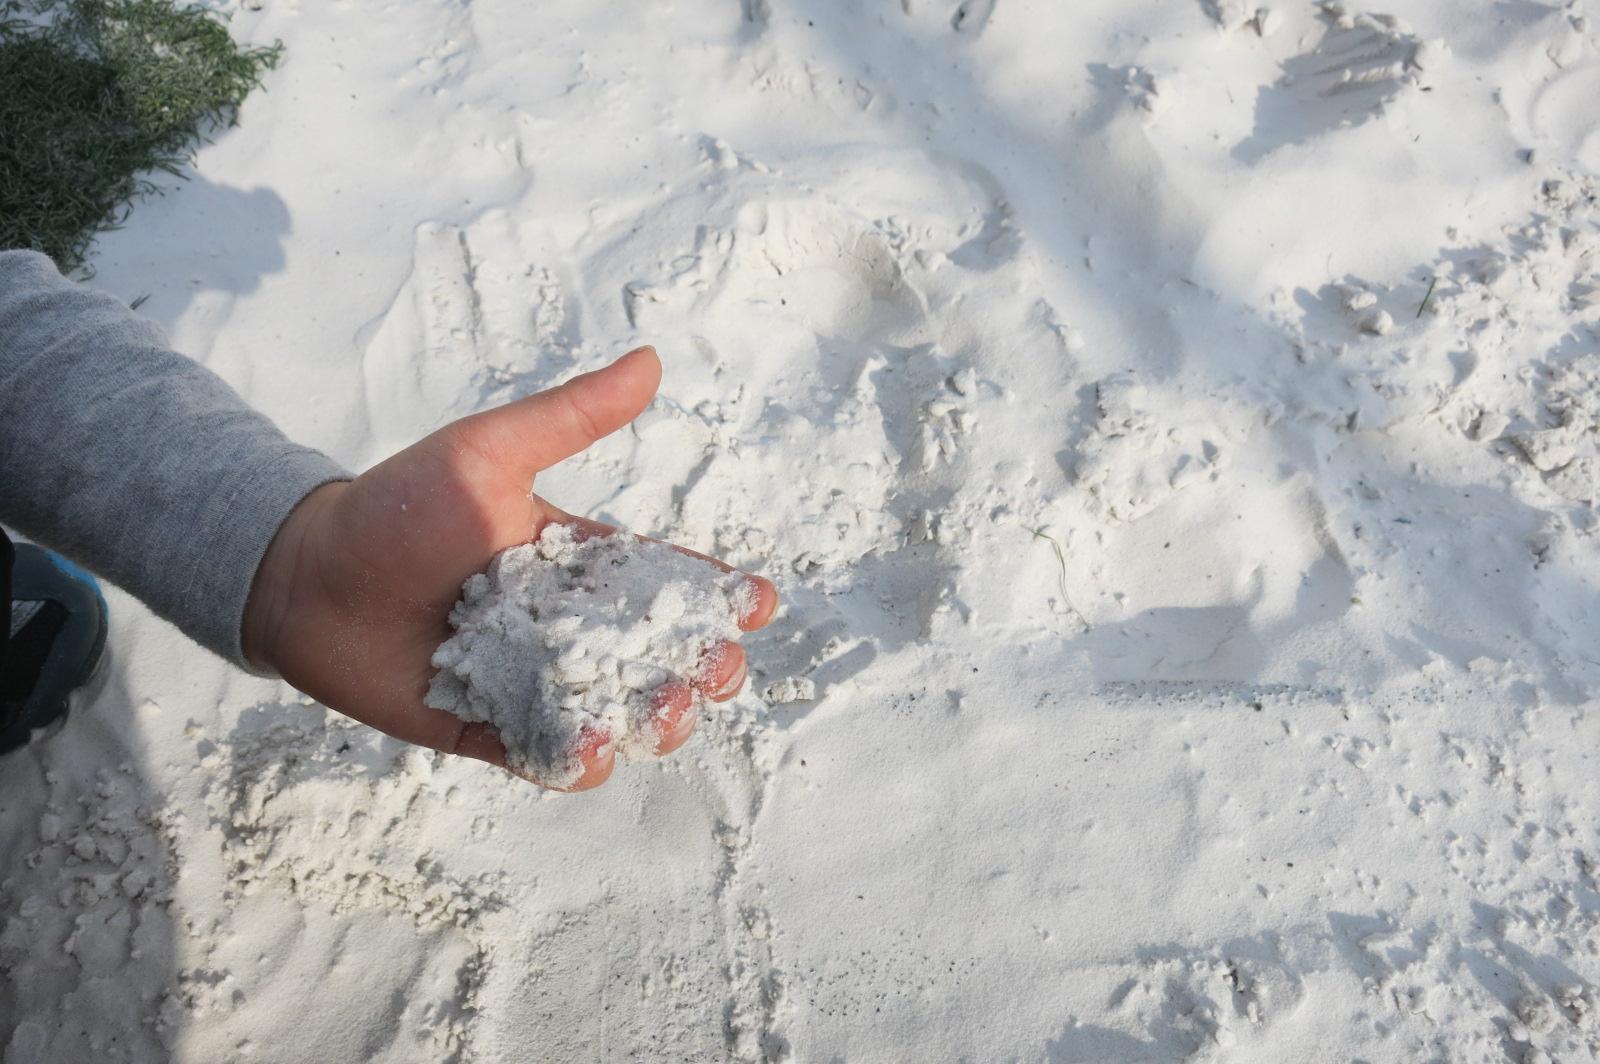 トランポリンの周りは砂に囲まれていて、とてもサラサラした気持ちのいい砂でした。